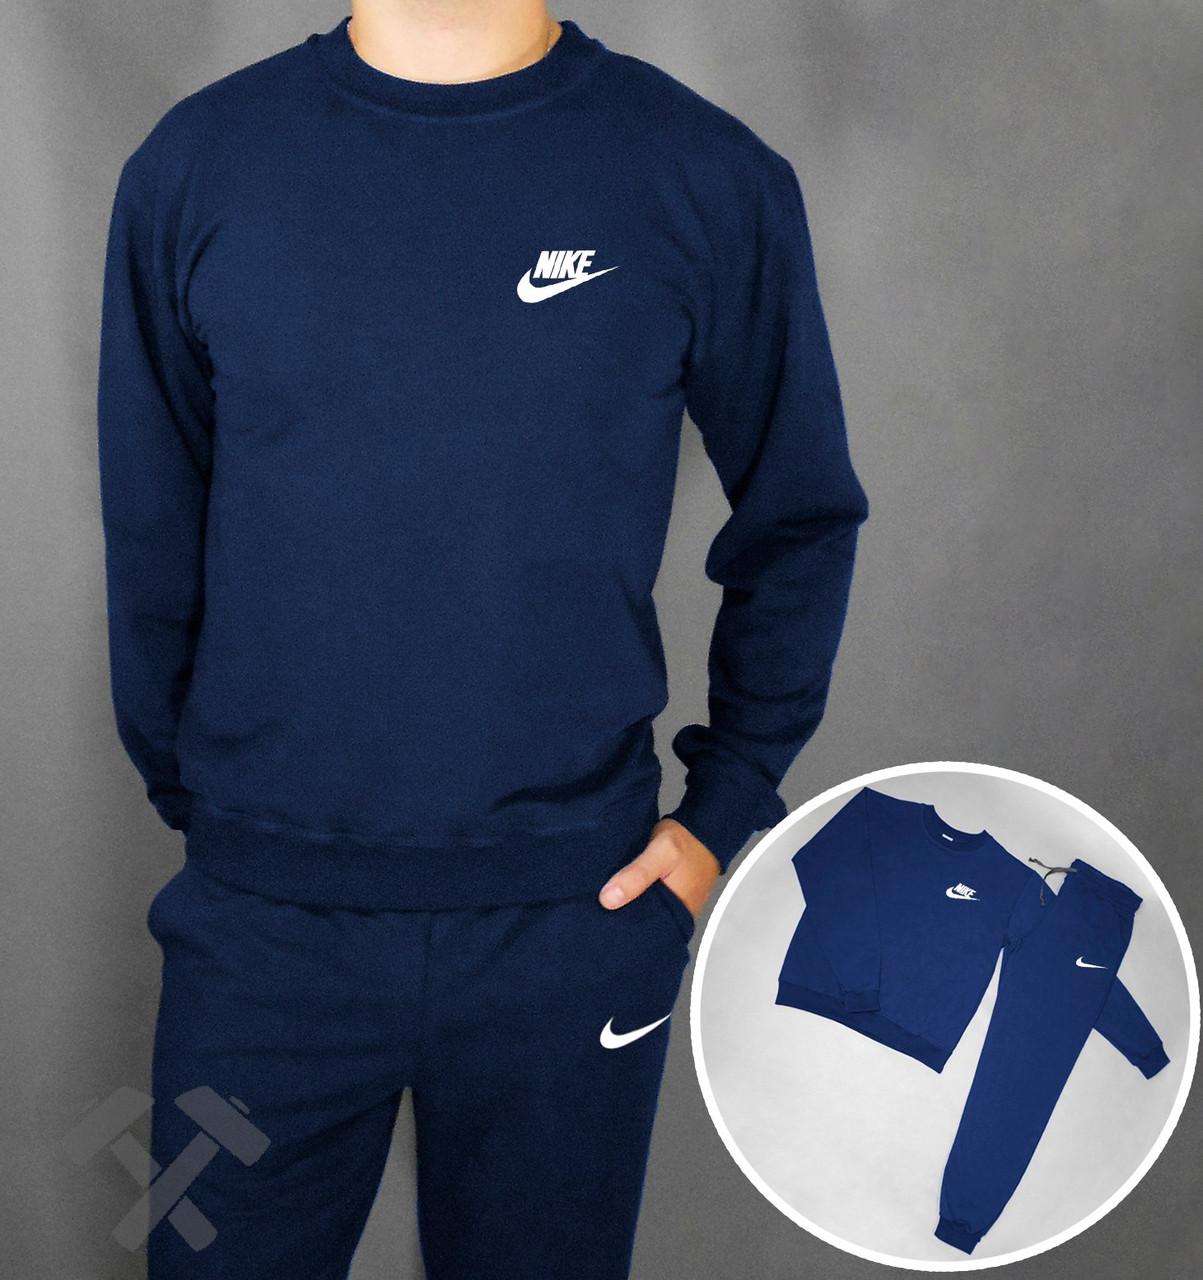 Cпортивный костюм Nike синего цвета с маленьким логотипом Найк белого цвета